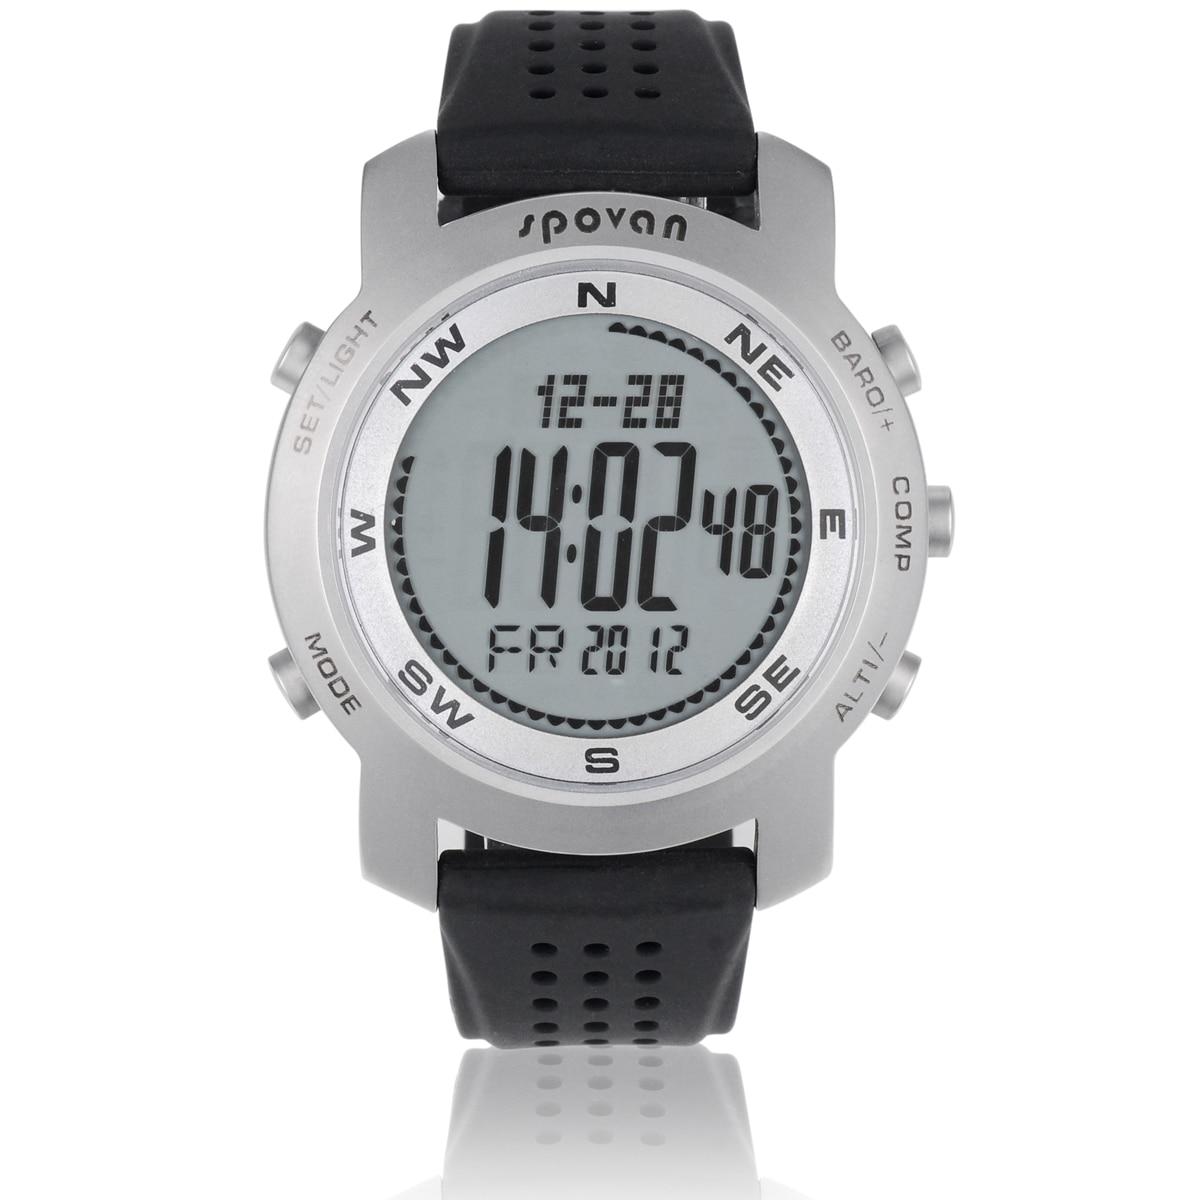 IWO8/W54 OGEDA лучший бренд класса люкс мужские часы серии 4 водонепроницаемые Модные Casul спортивные Цифровой Секундомер резиновый ремешок часы ... - 4